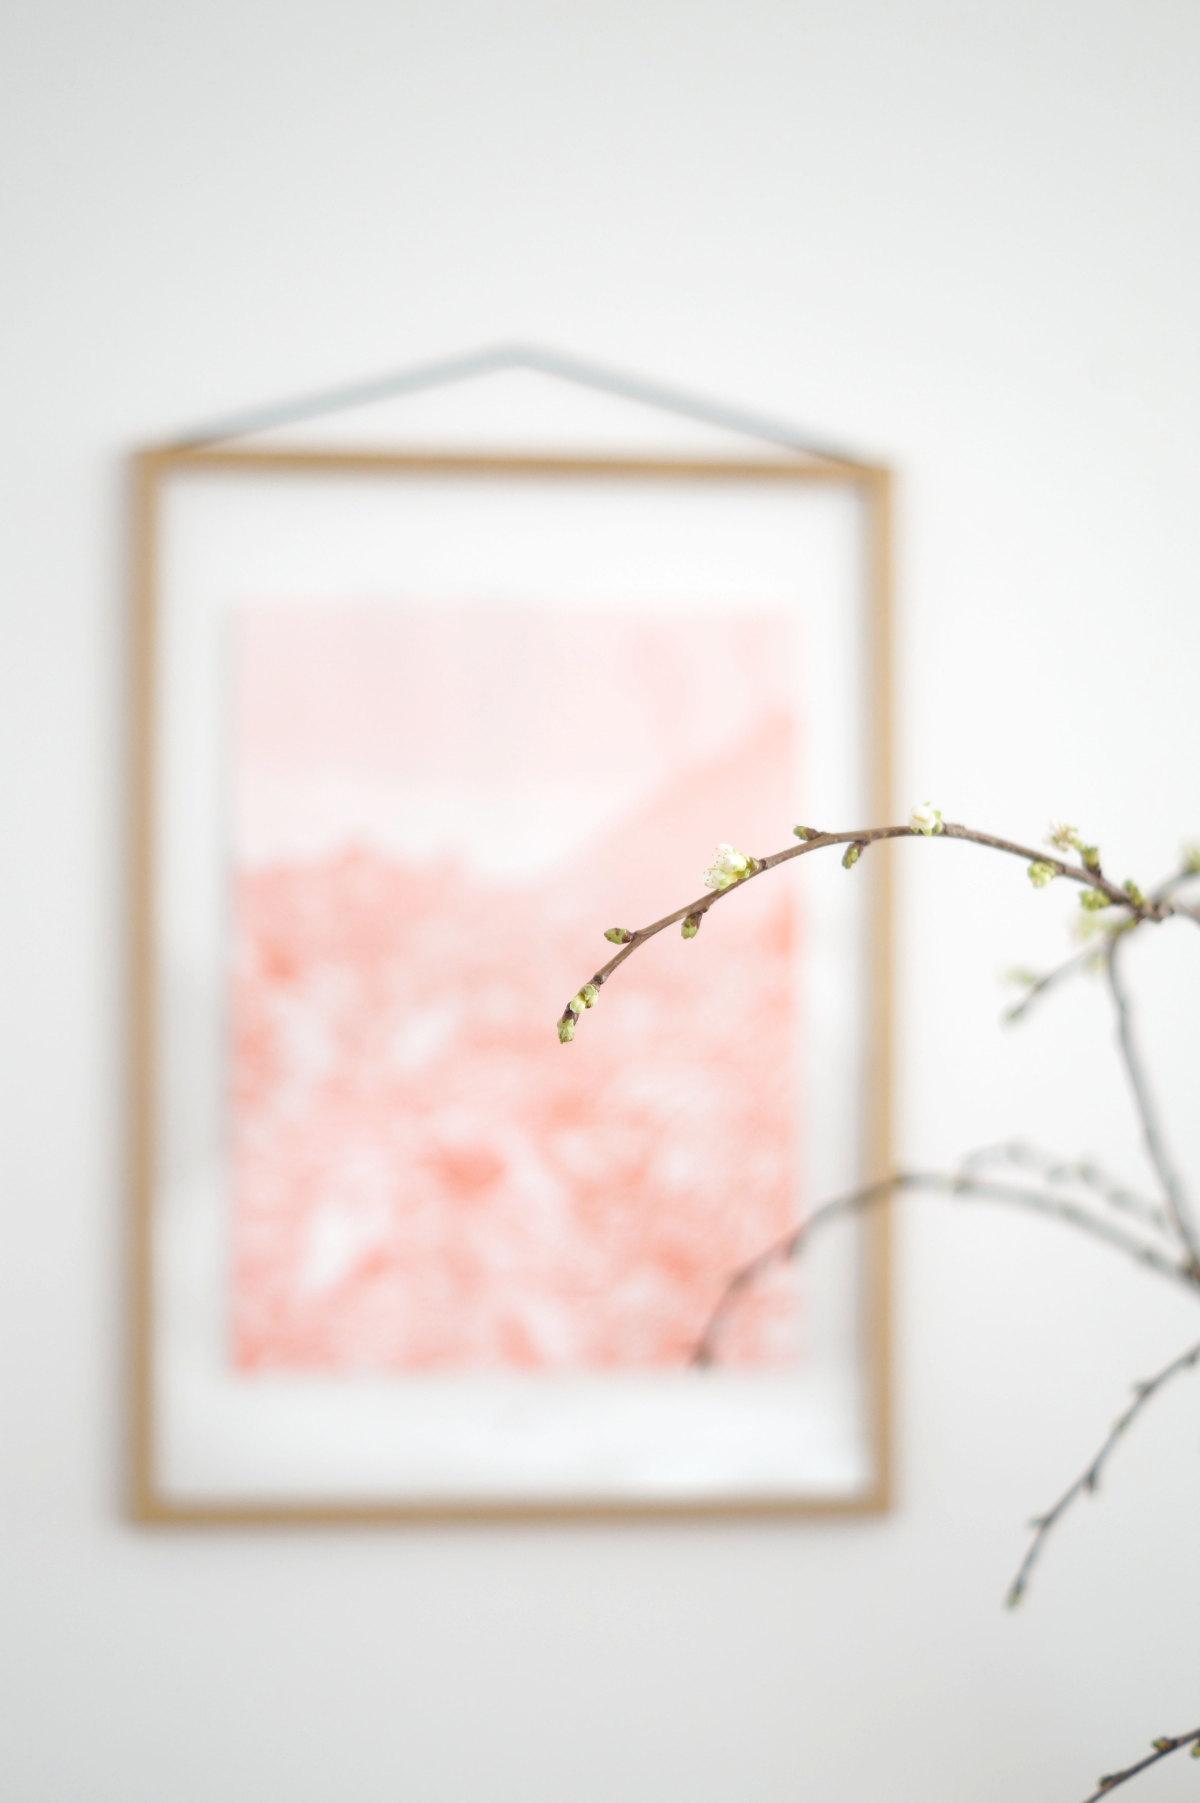 Frühlingsvorfreude | Foto: Sabine Wittig